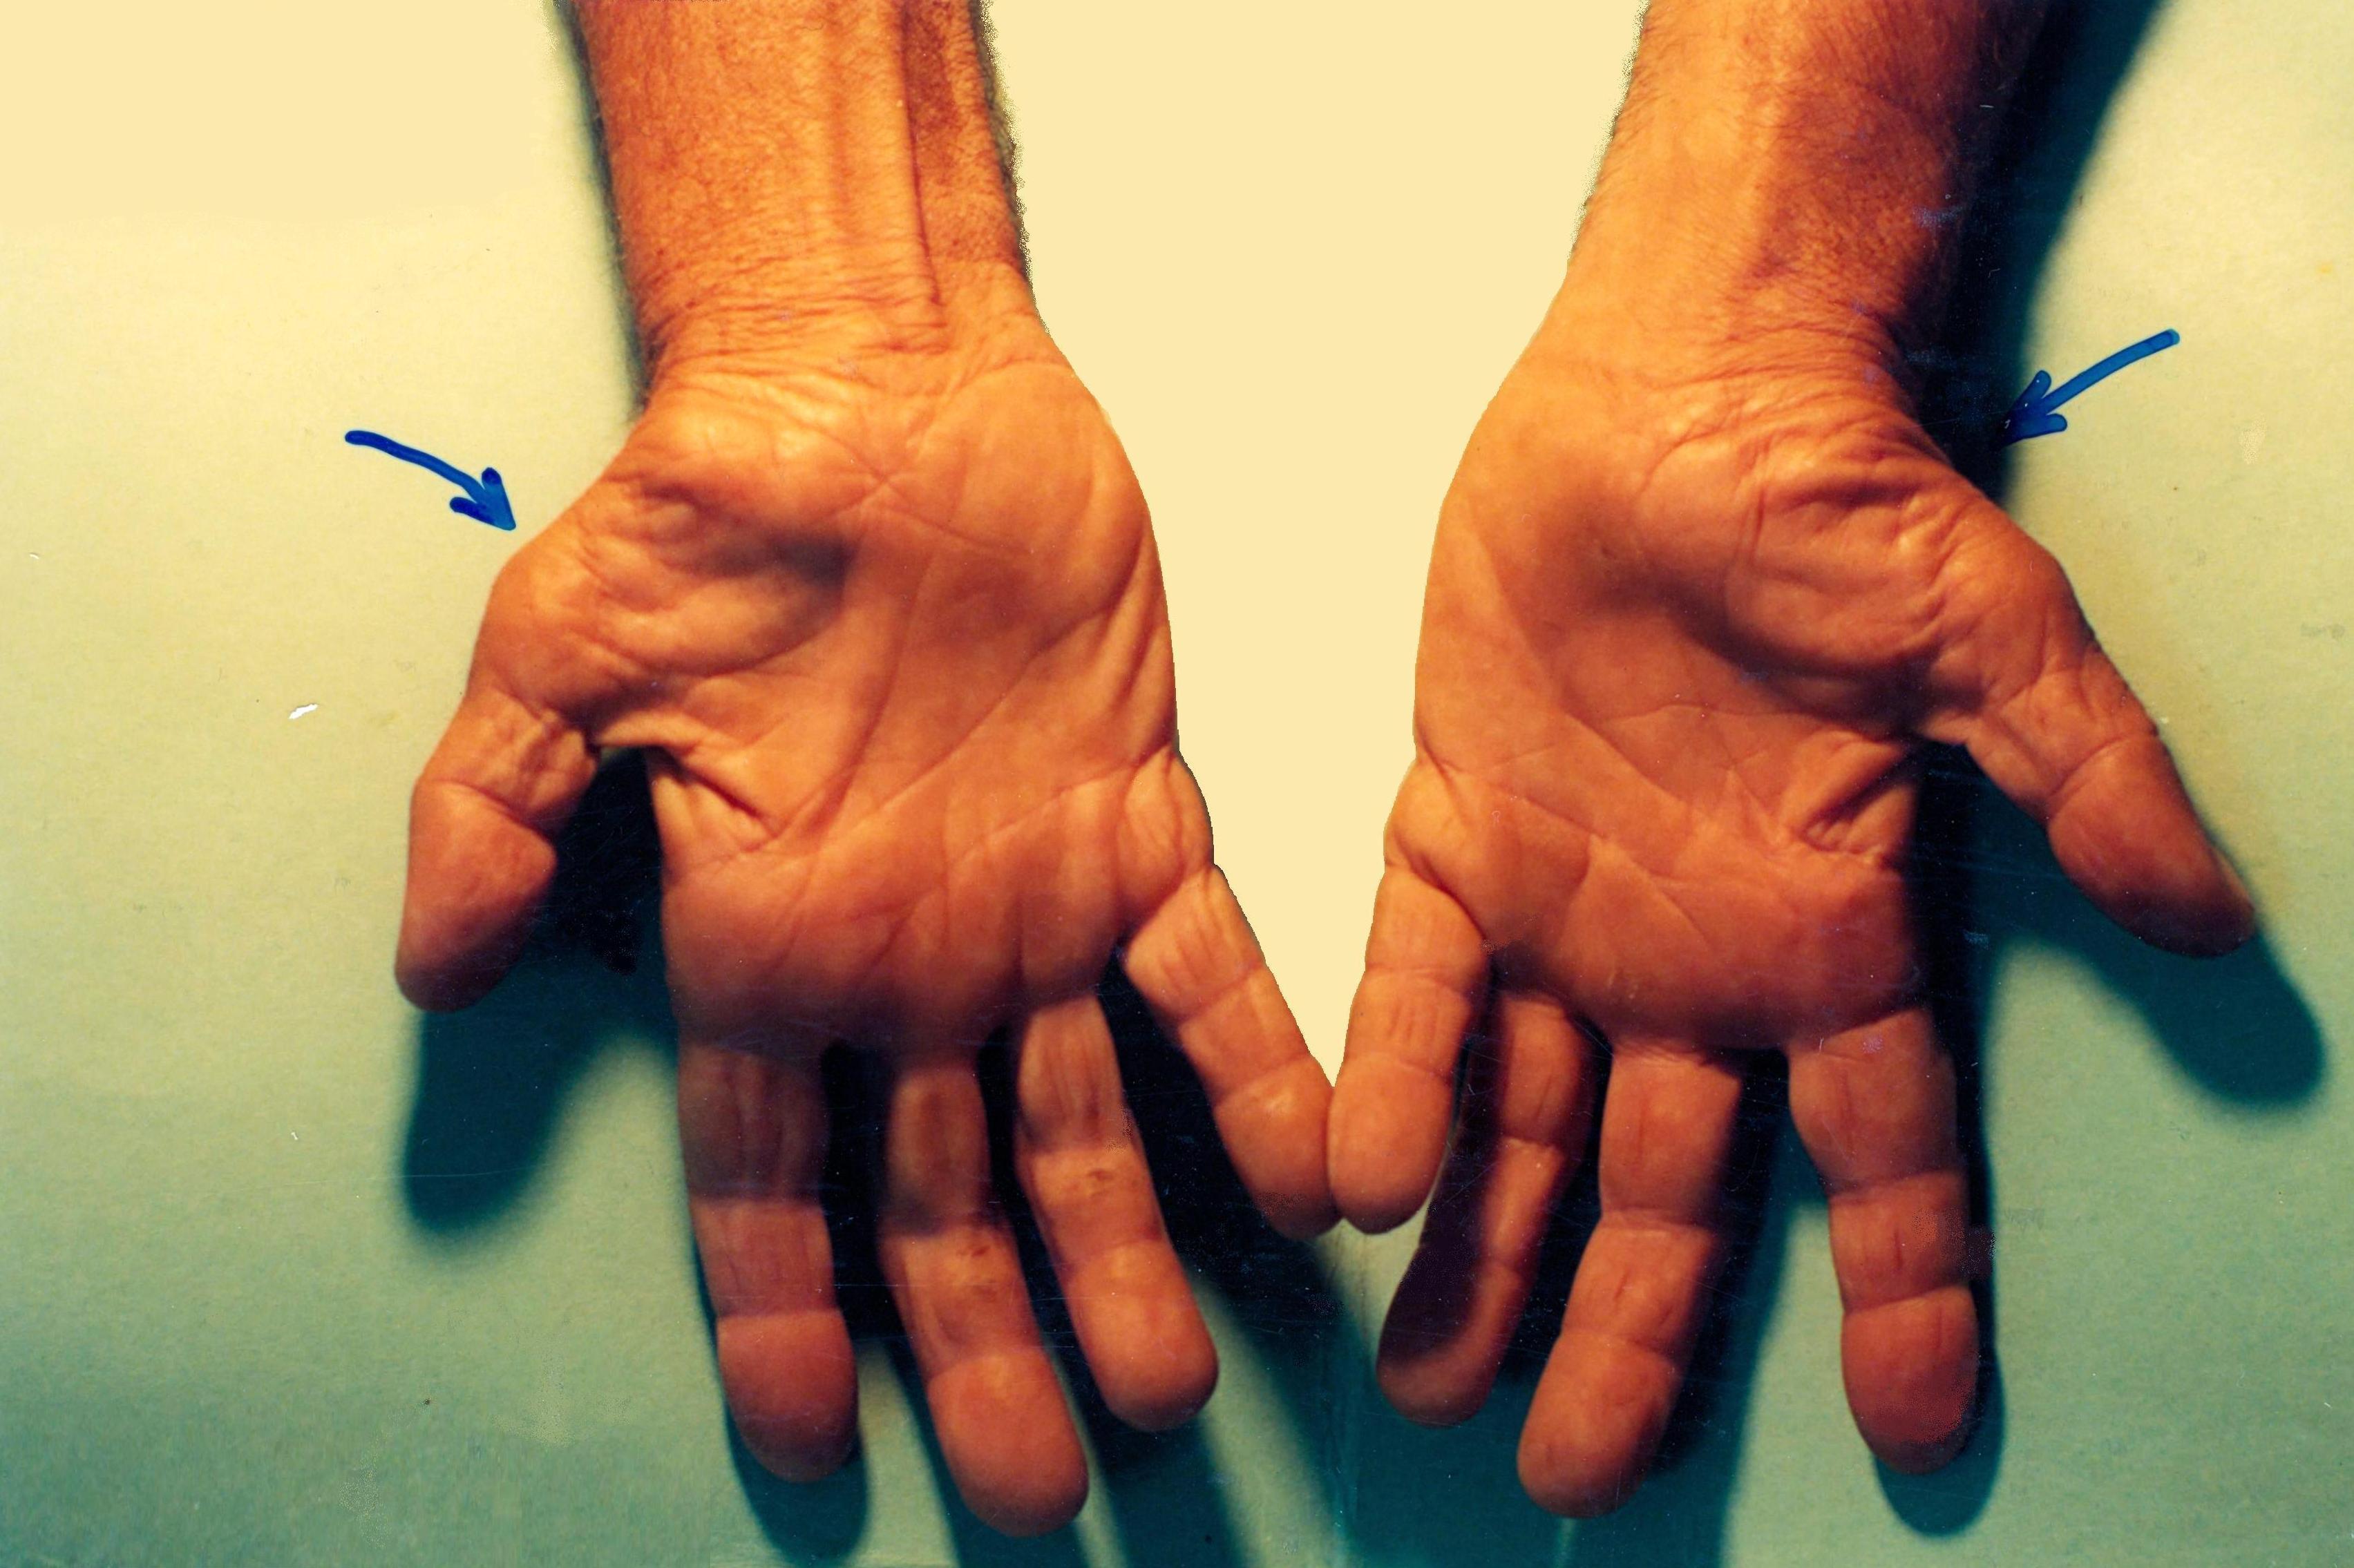 Síndrome del túnel carpiano : Servicios de Clínica Dr. Javier Cerqueiro Cirugía Plástica